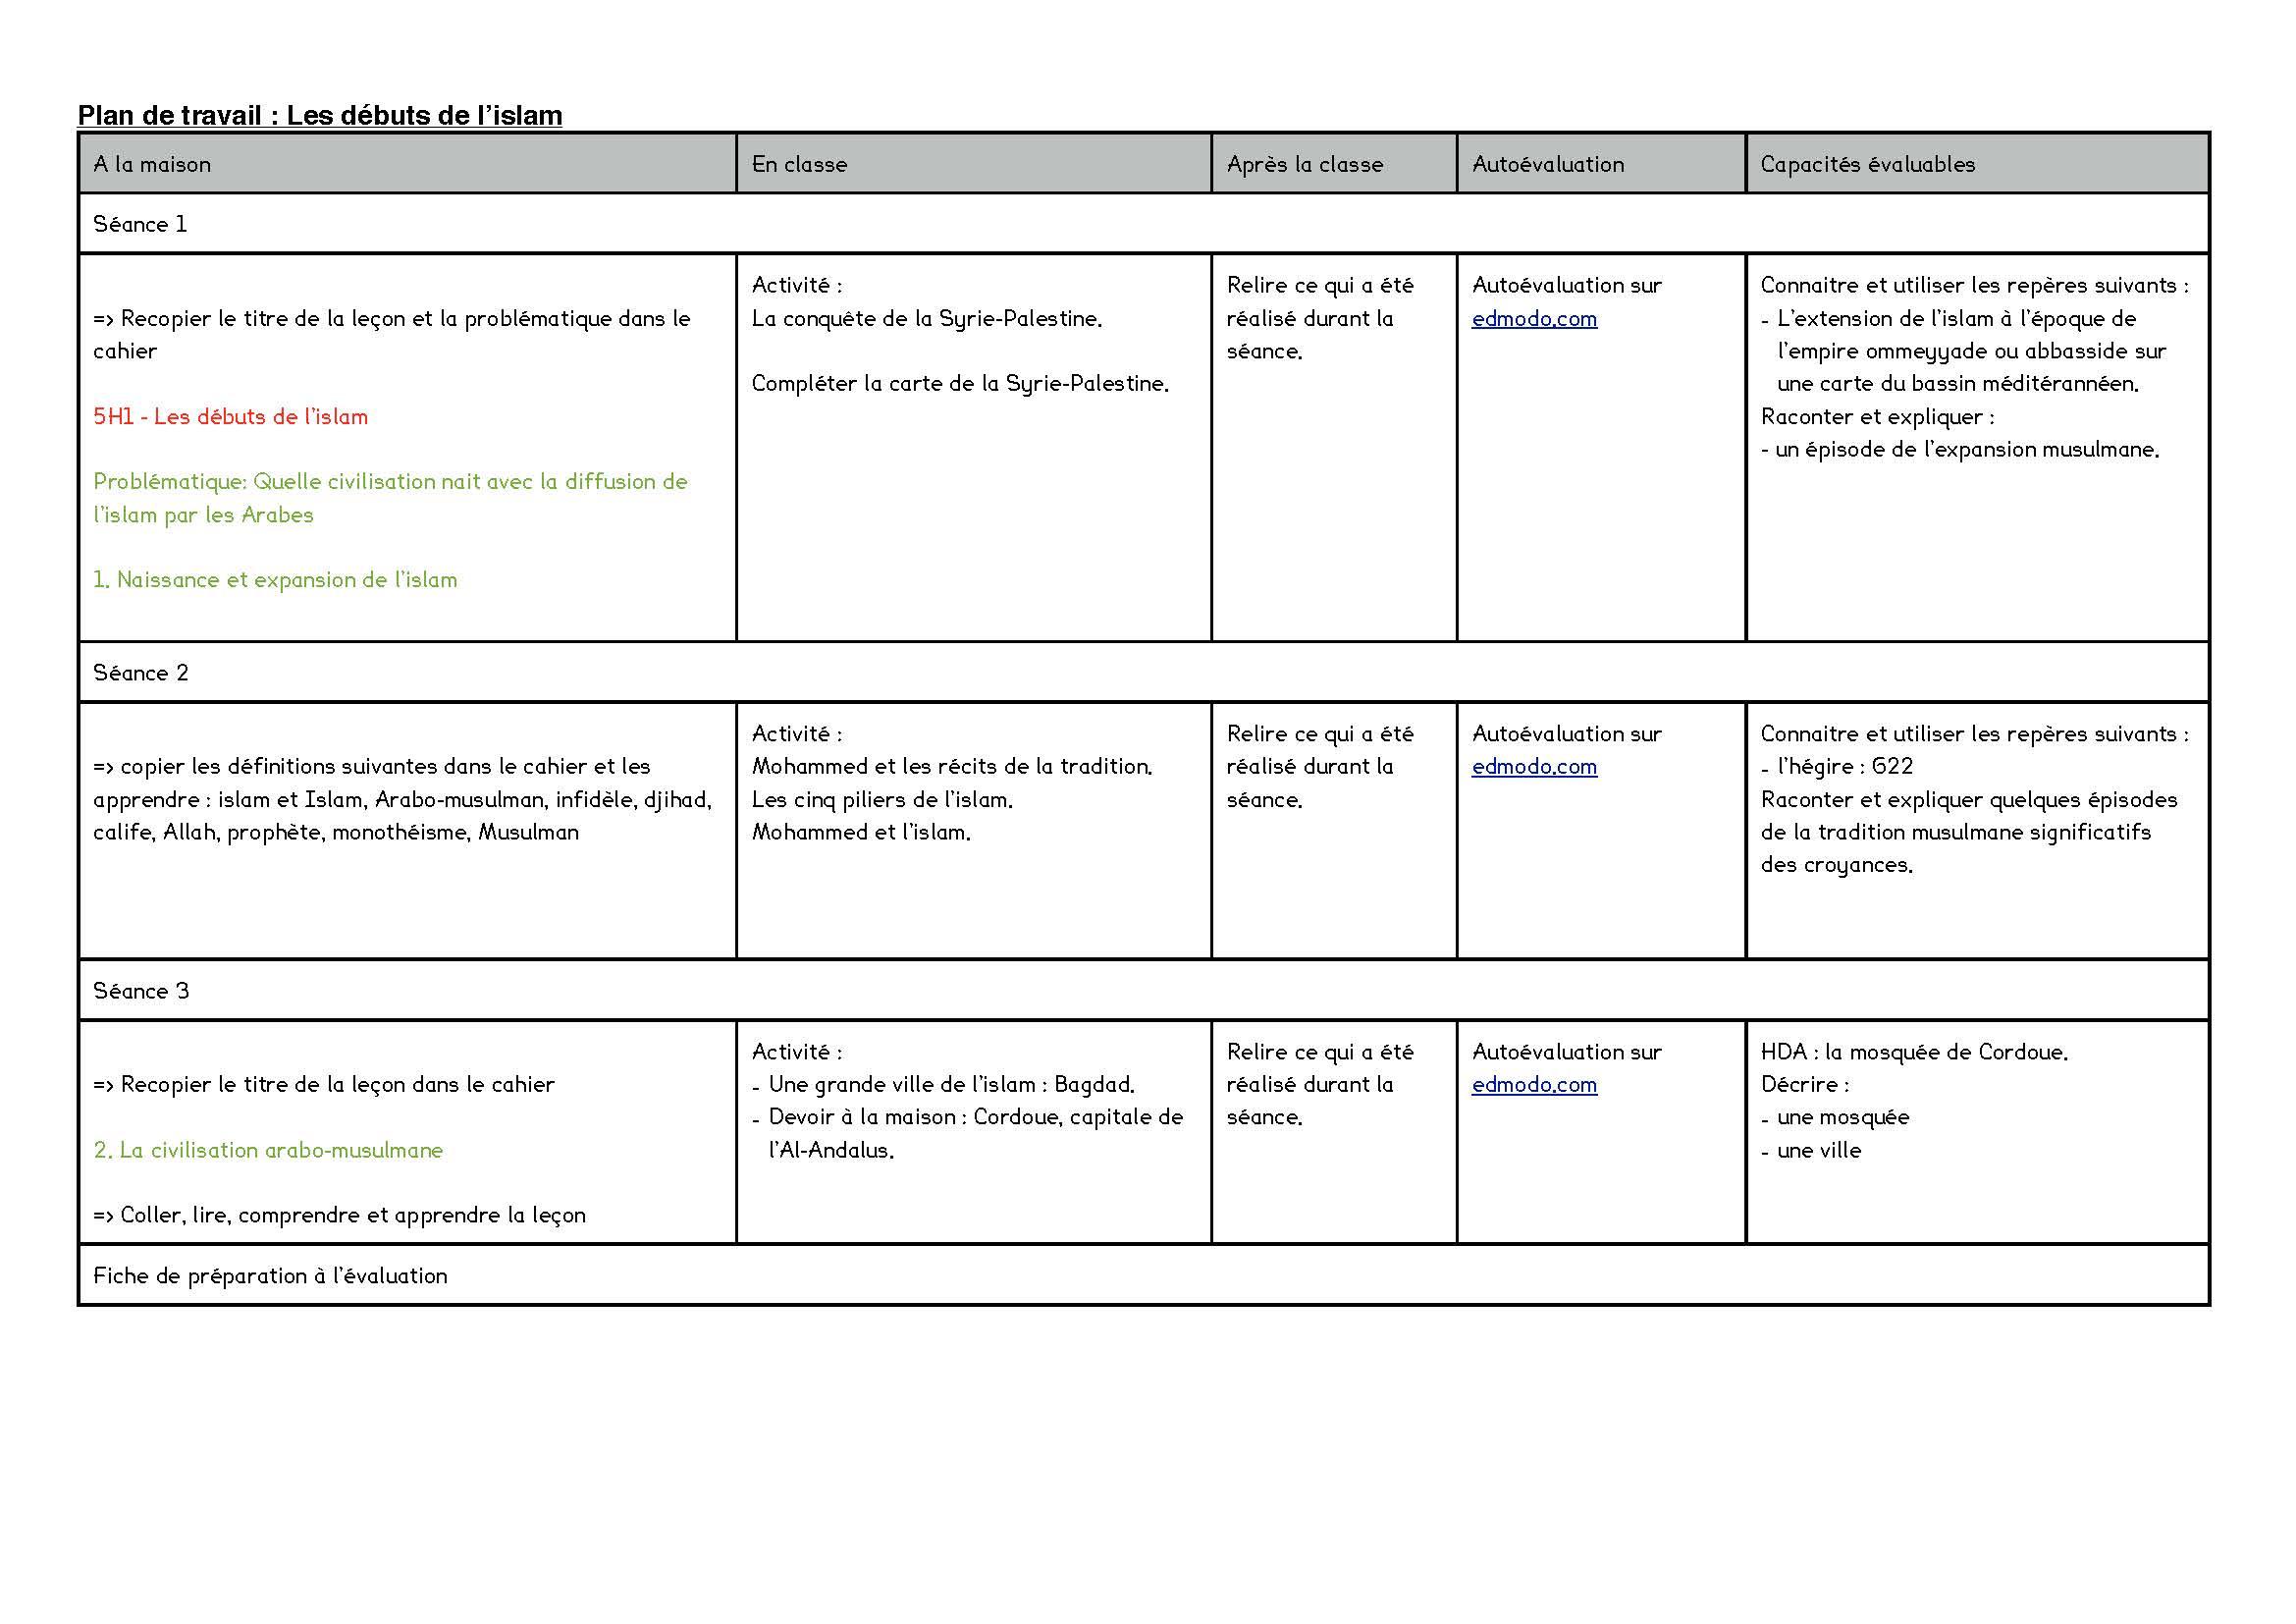 Des classes invers es pour l ann e prochaines blog - Plan de travail a la coupe ...